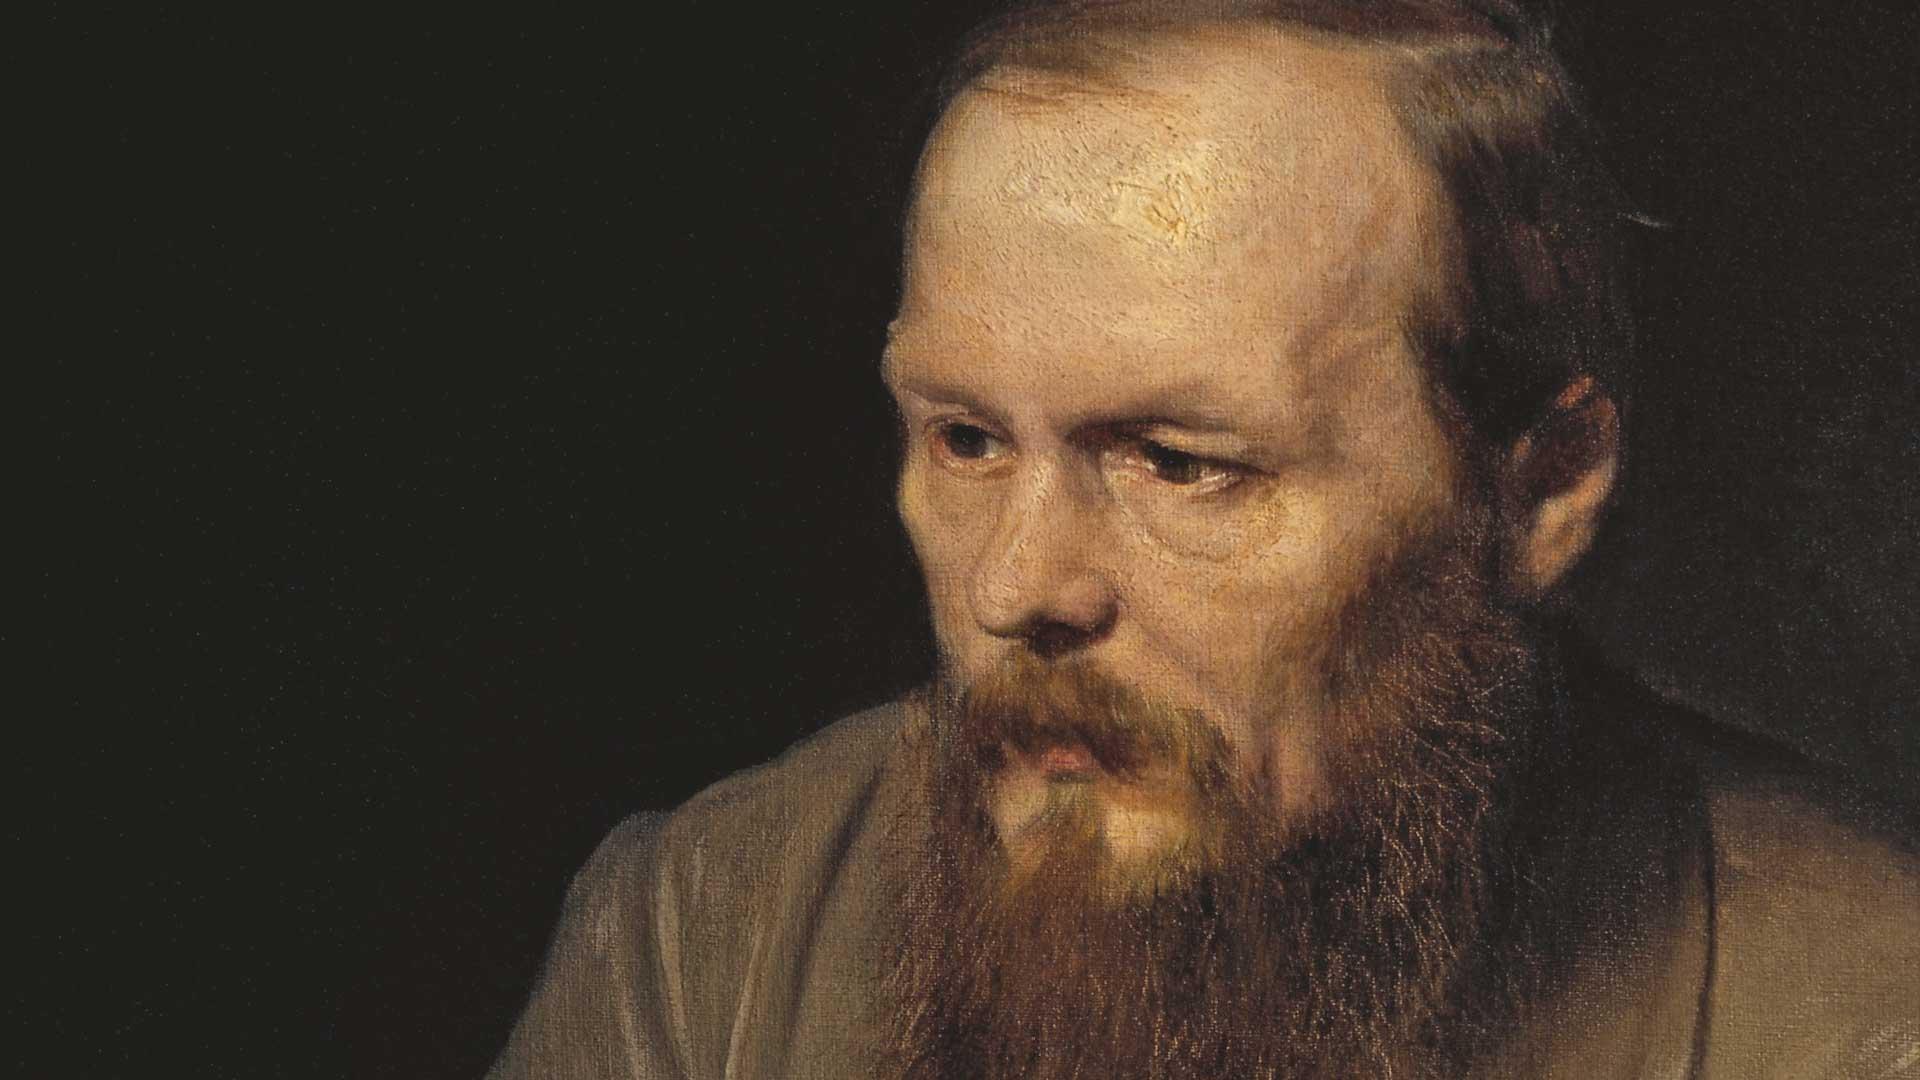 citati: Fjodor Dostojevski